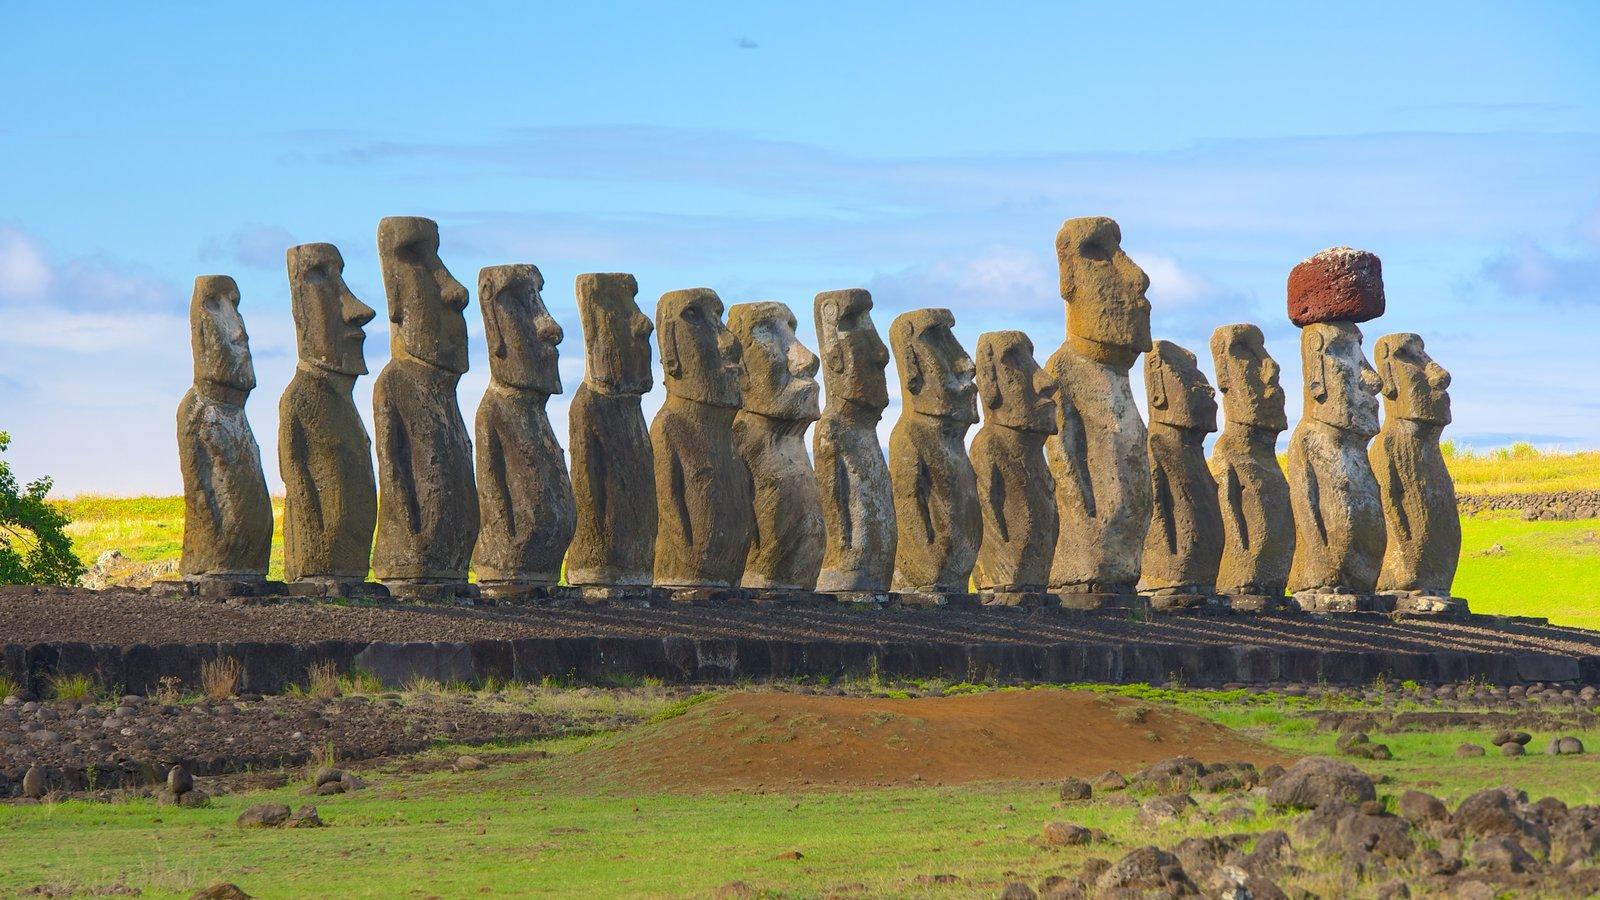 Ahu Tongariki que inclui uma estátua ou escultura, cenas tranquilas e elementos de patrimônio